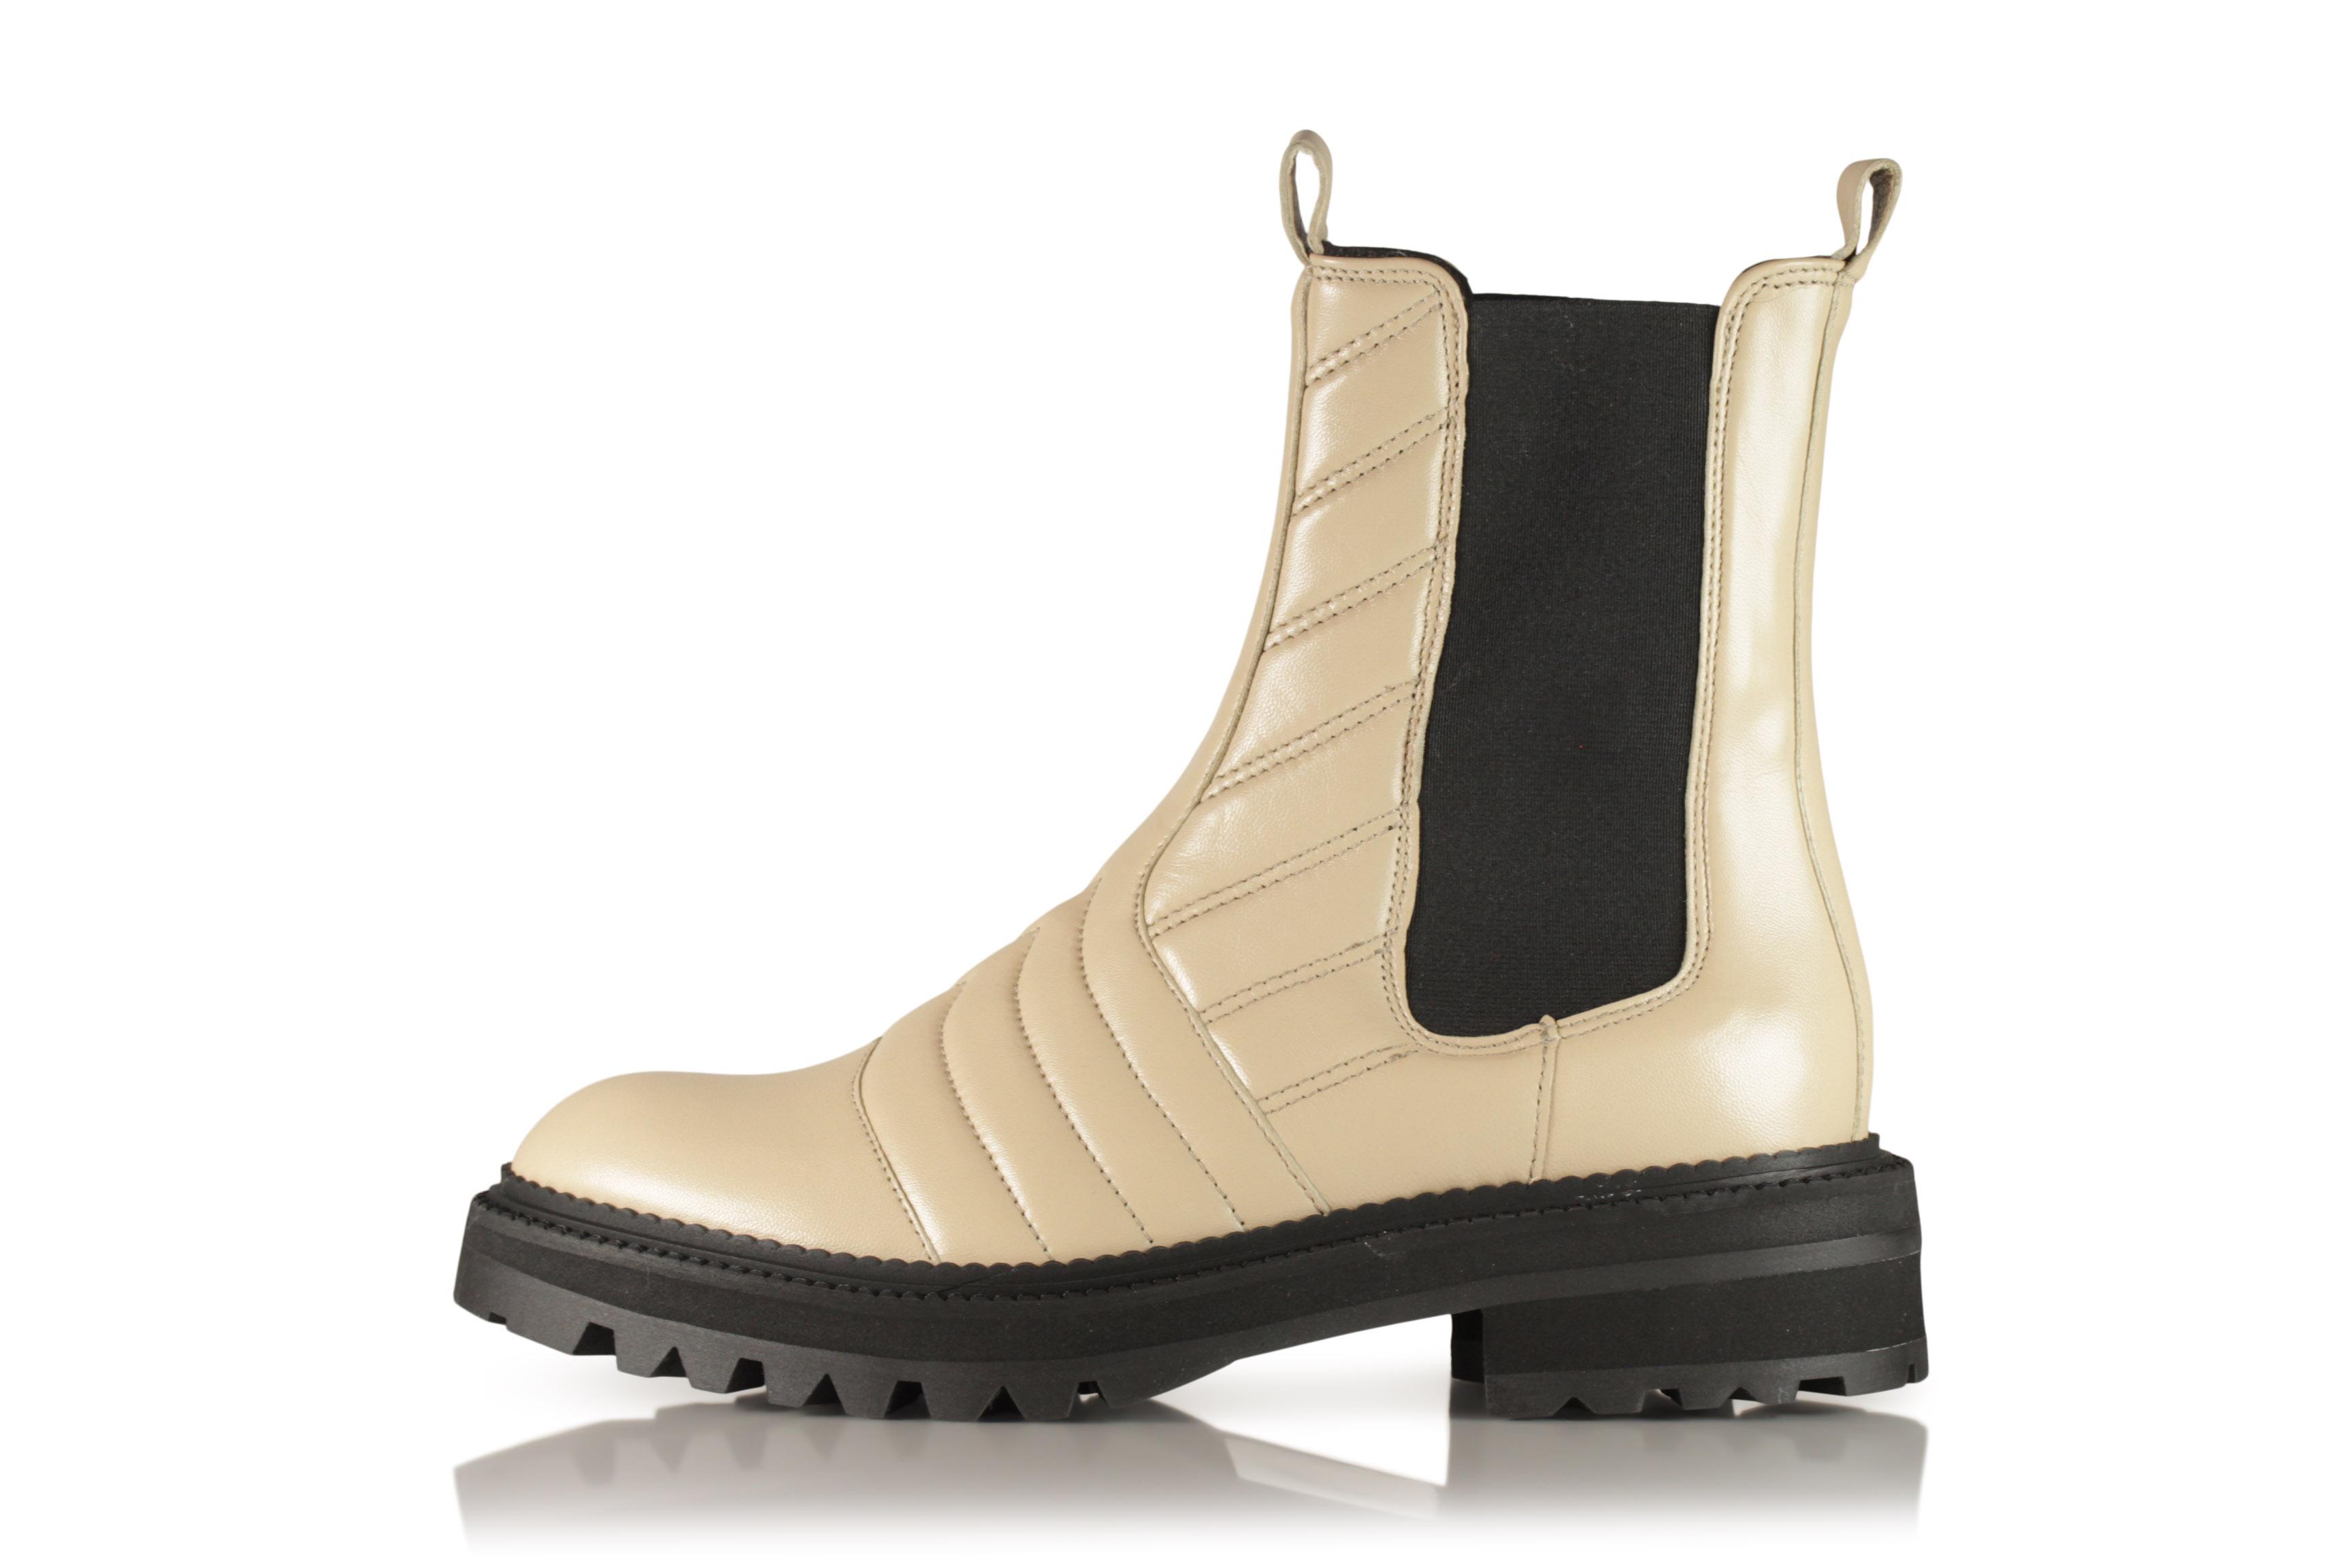 Billi Bi A1480 støvle